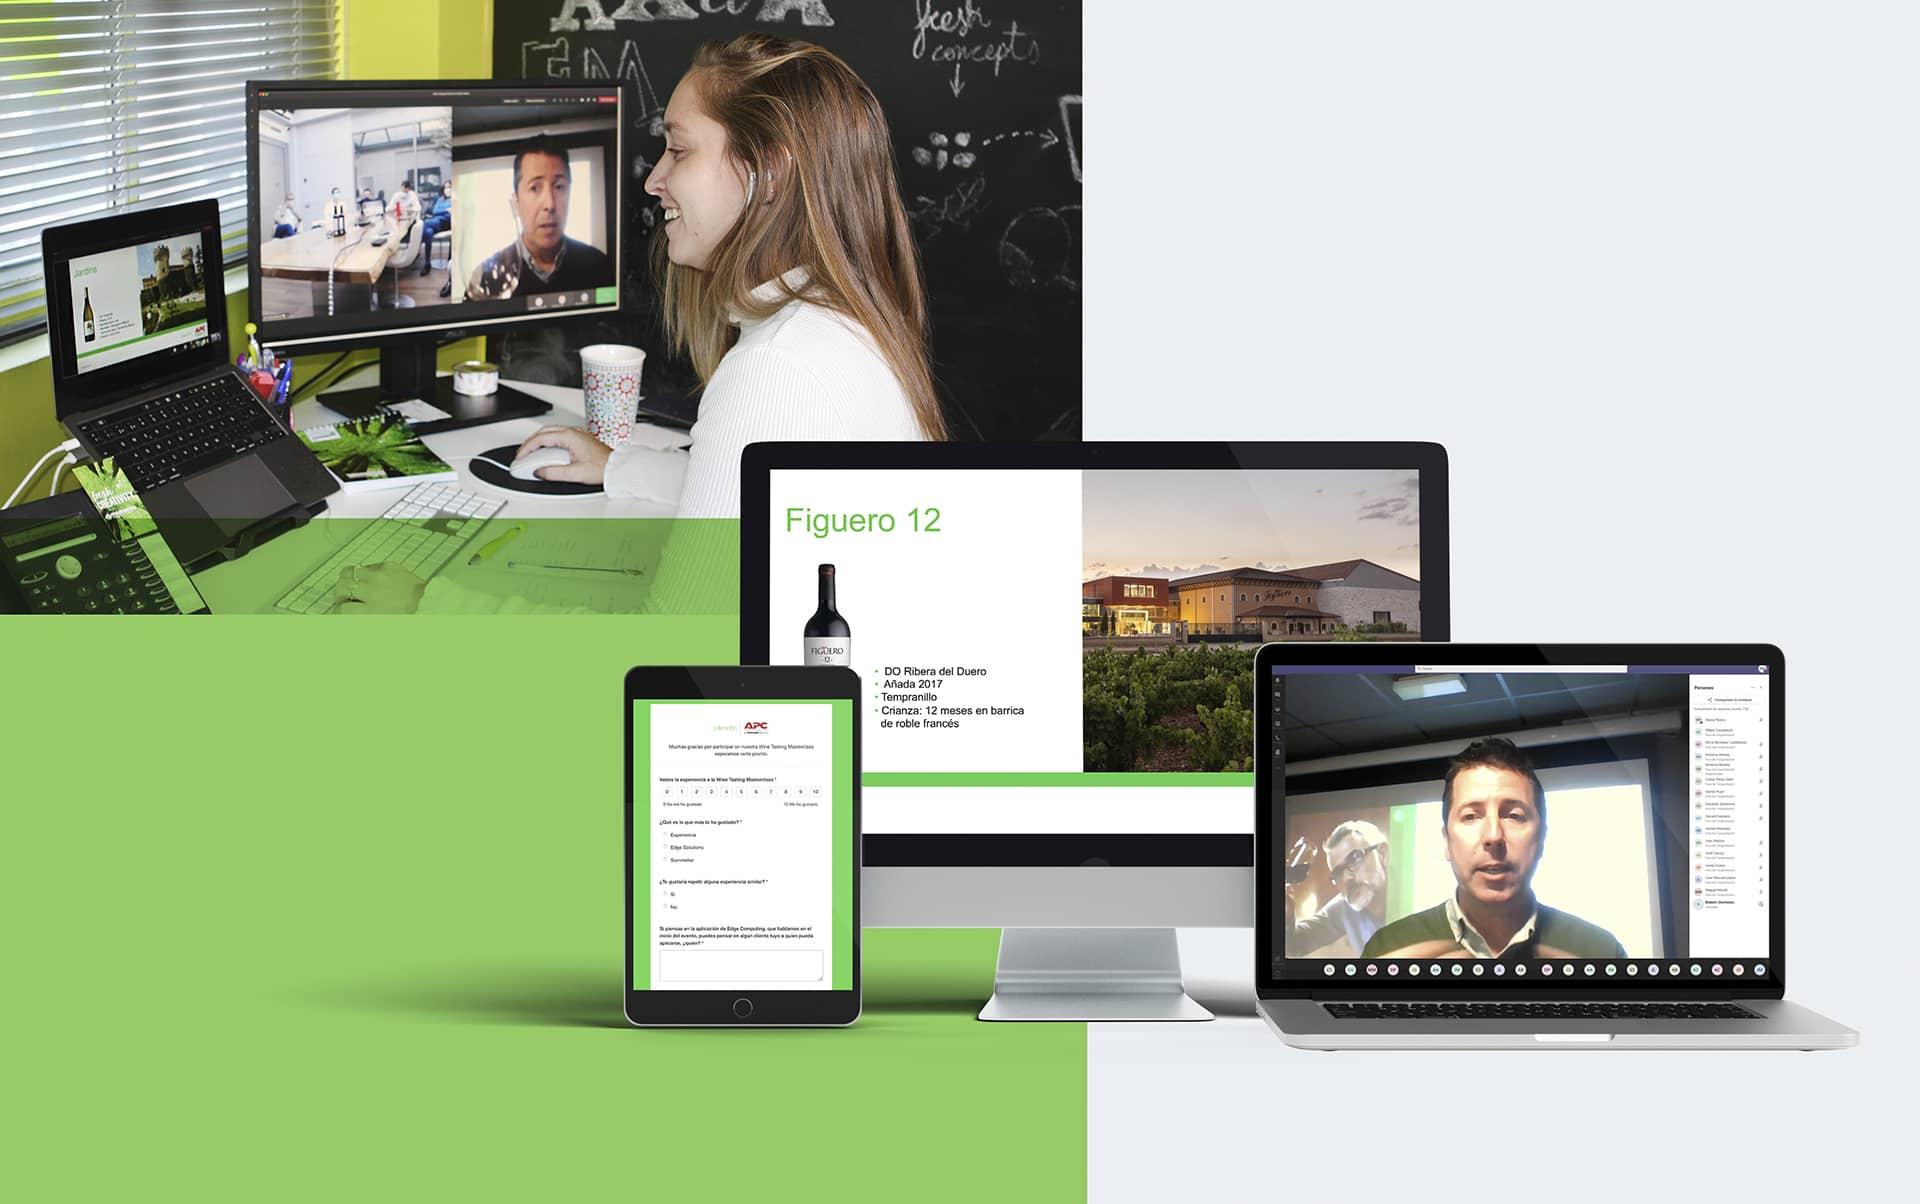 cata de vino evento online - Evento online para mantener activa la relación con los distribuidores